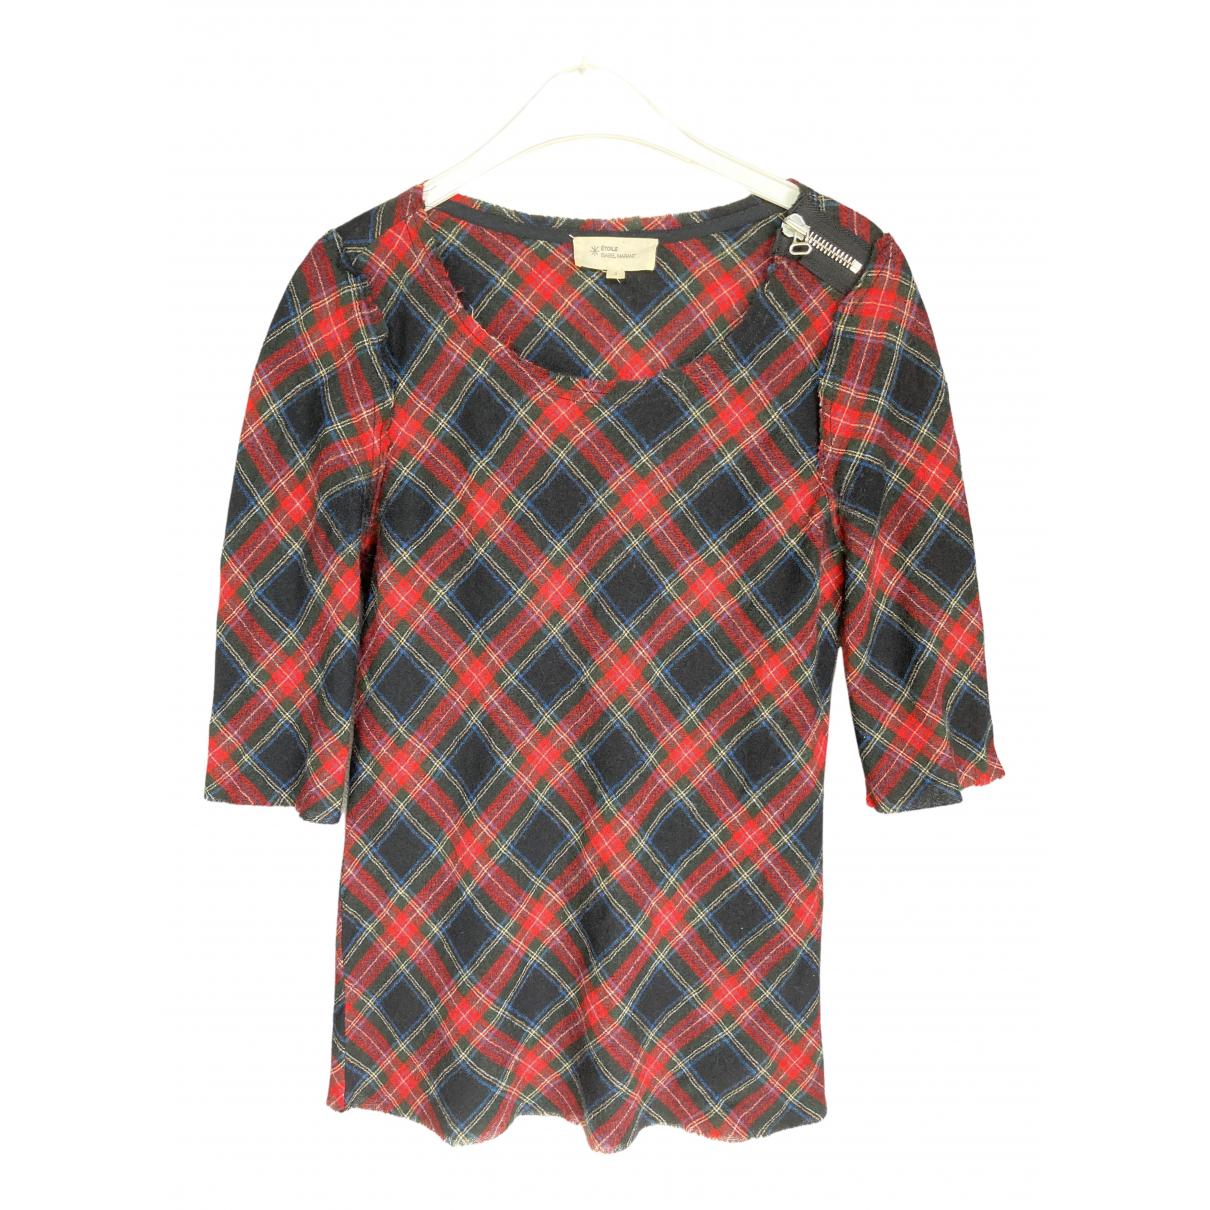 Isabel Marant Etoile - Top   pour femme en laine - multicolore